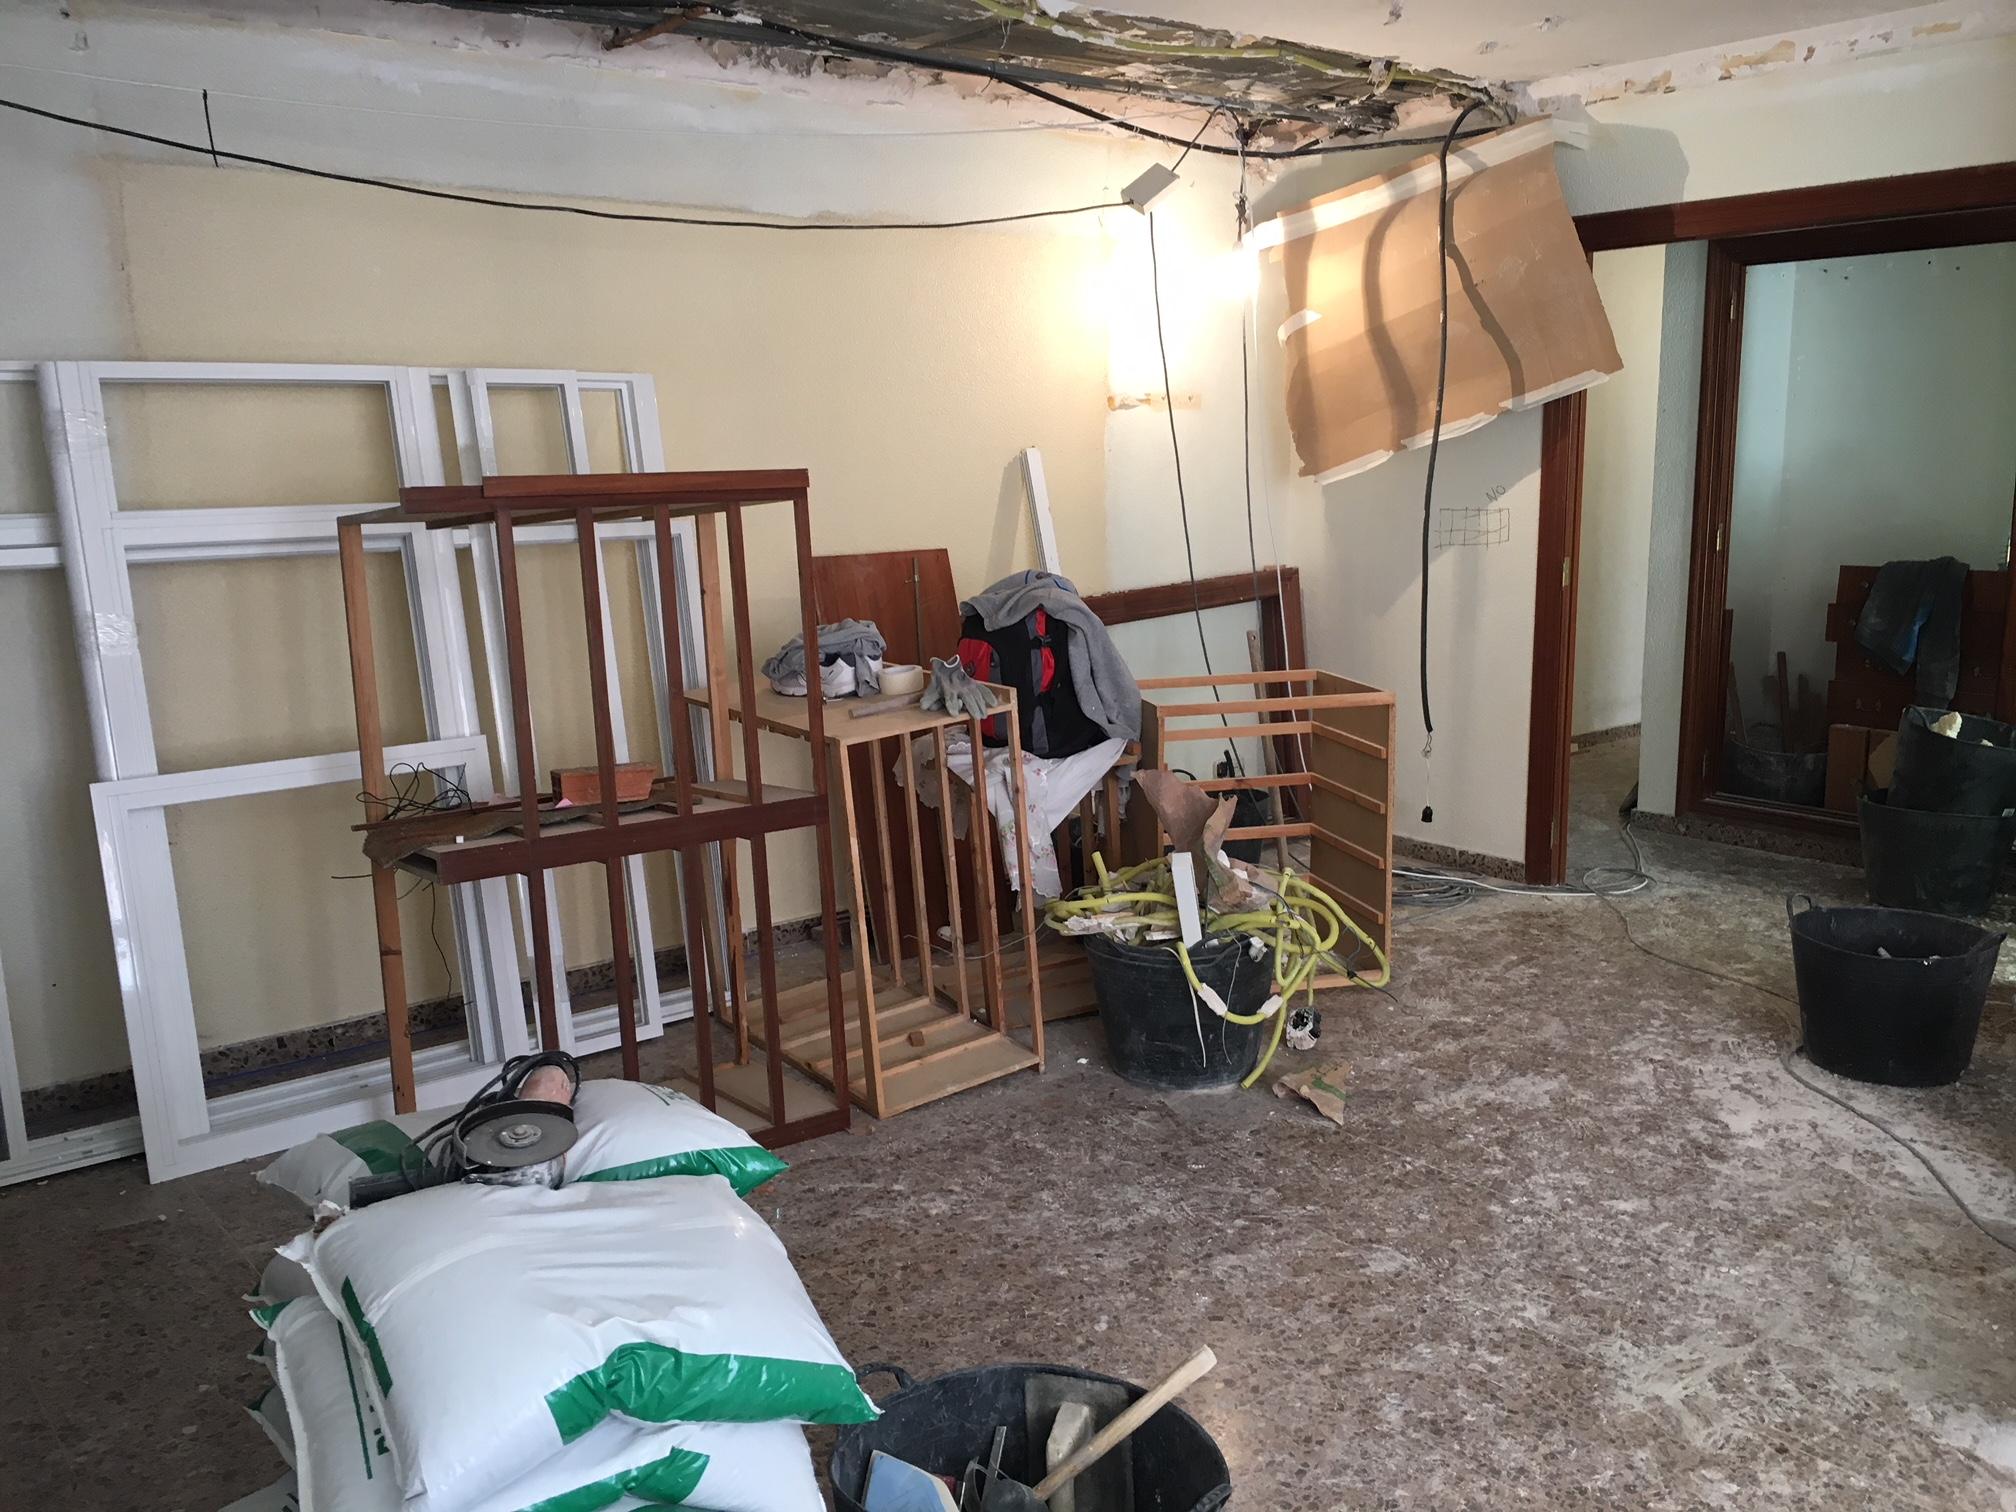 proyectos-interiorismo-interioristas-reformas-viviendas-particulares-21